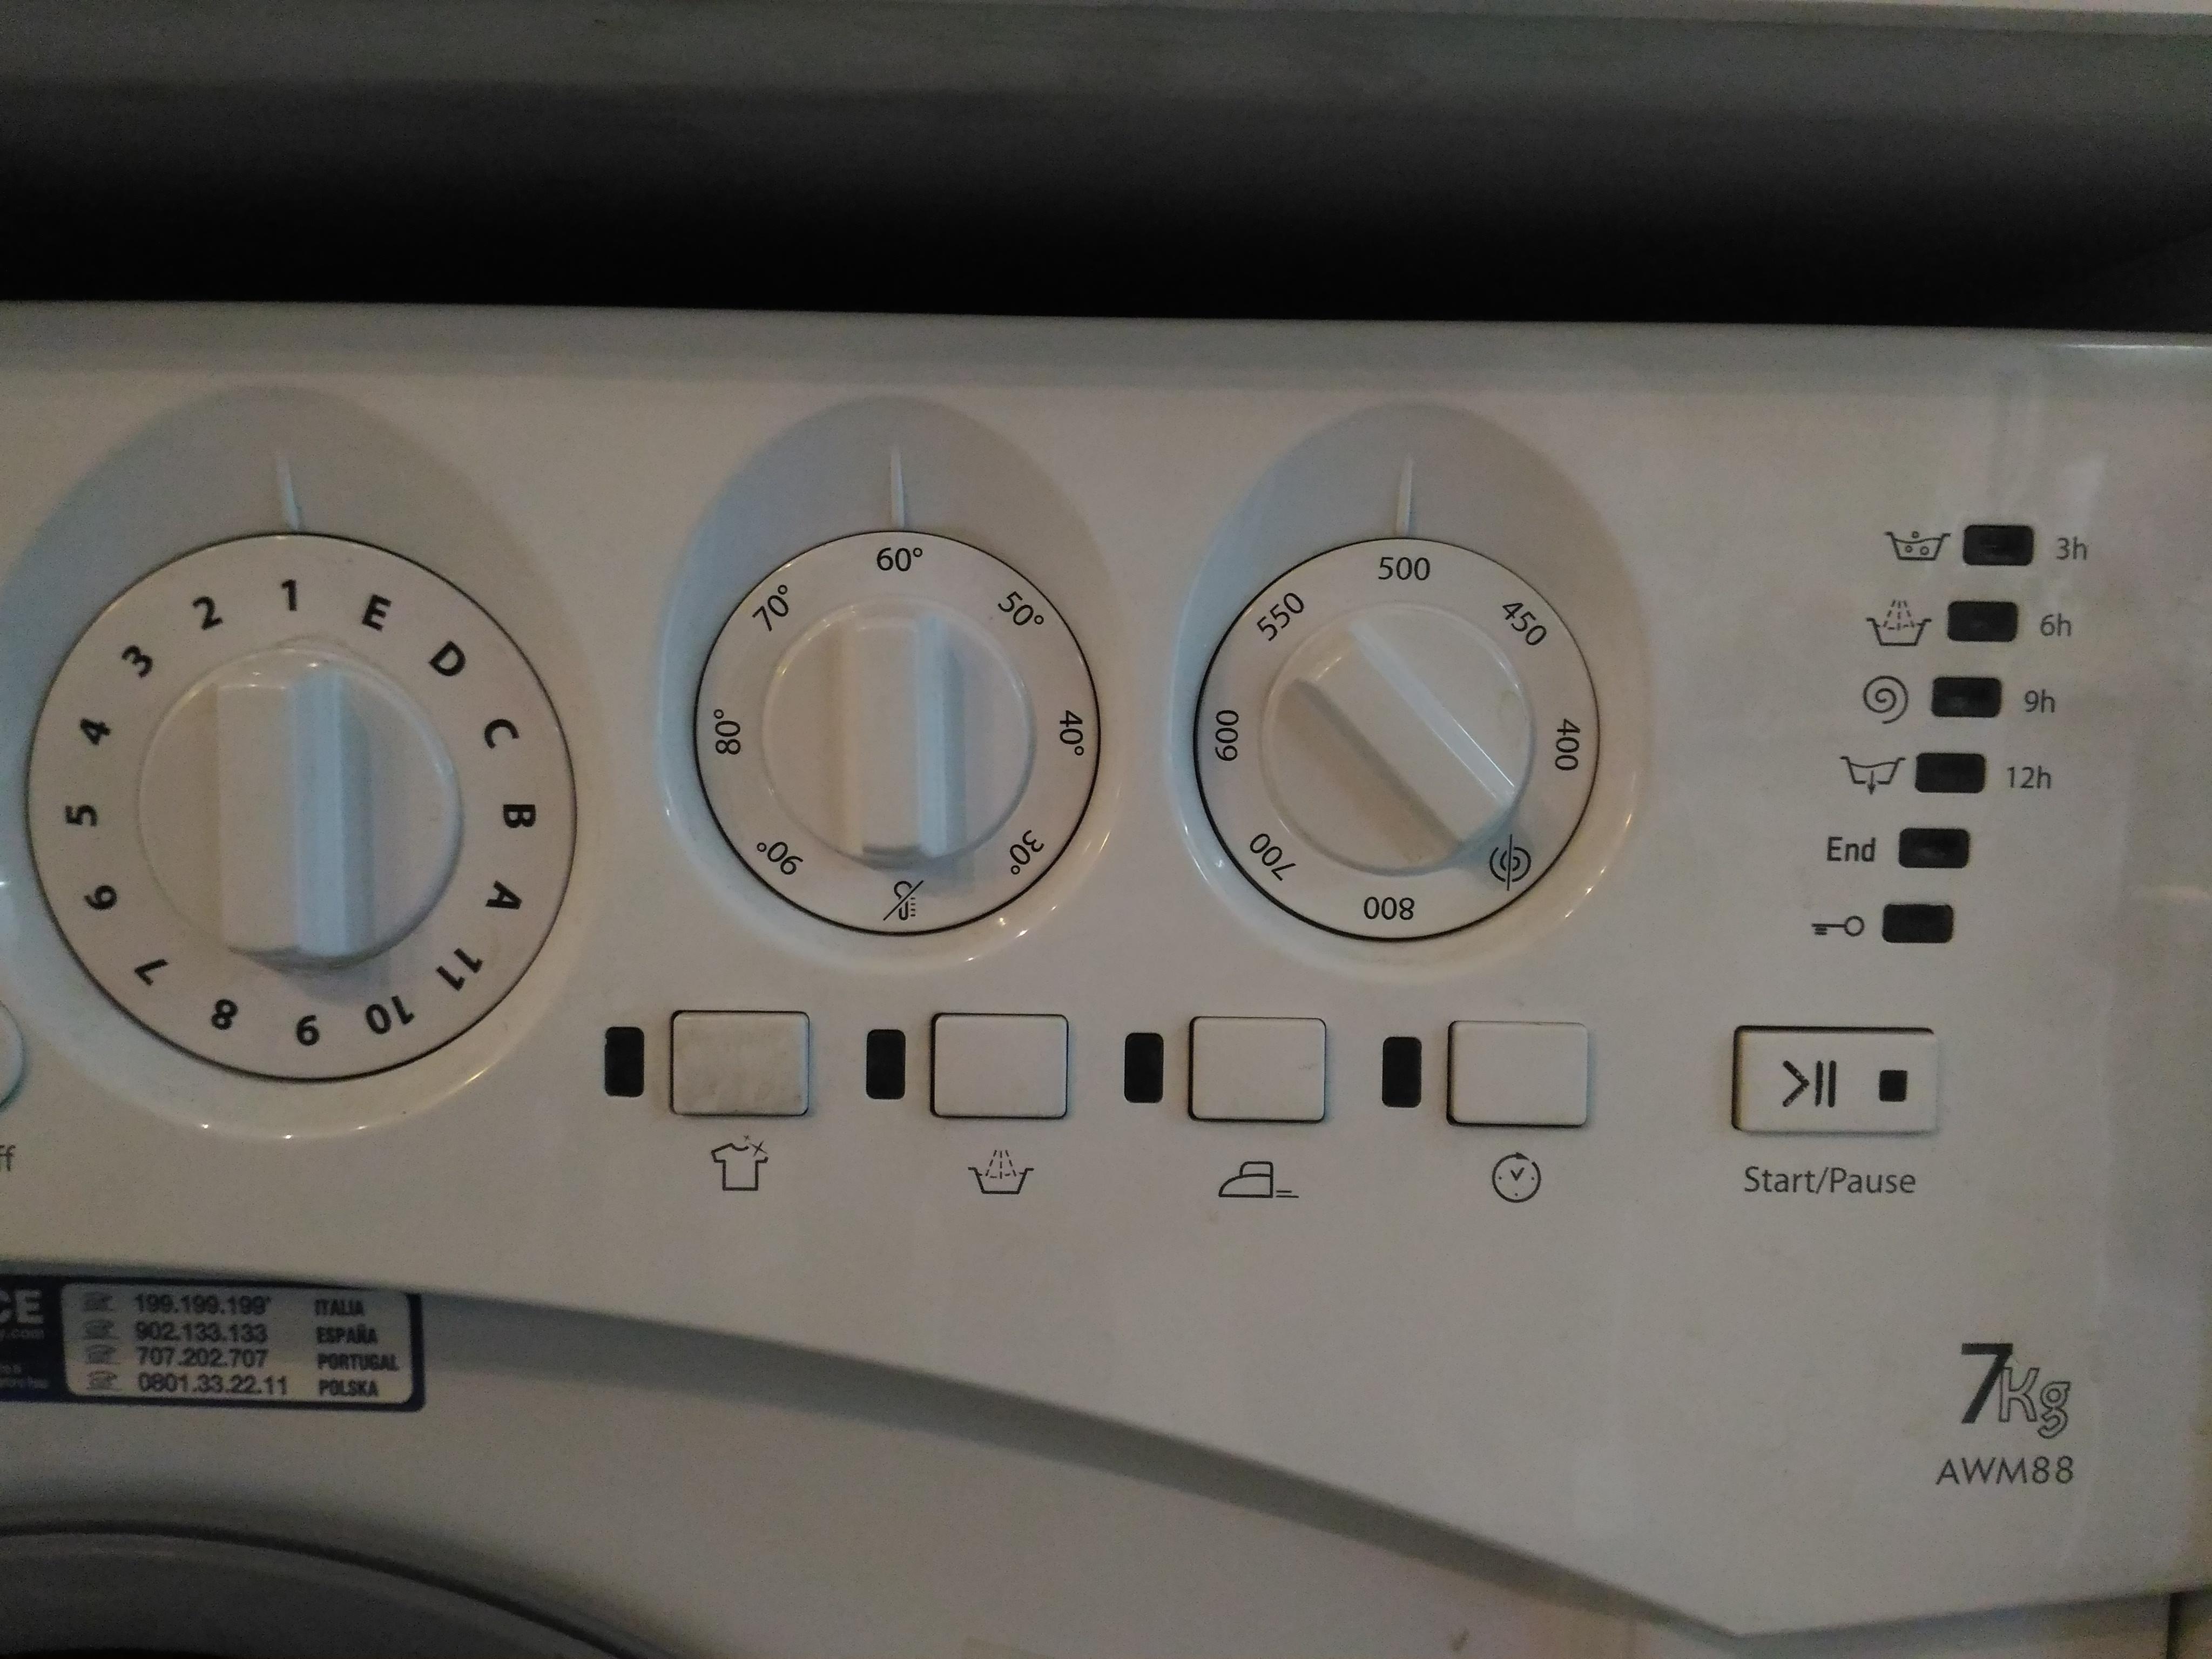 イタリア式の洗濯スタイルとは。洗濯機を3時間も回すのは面倒